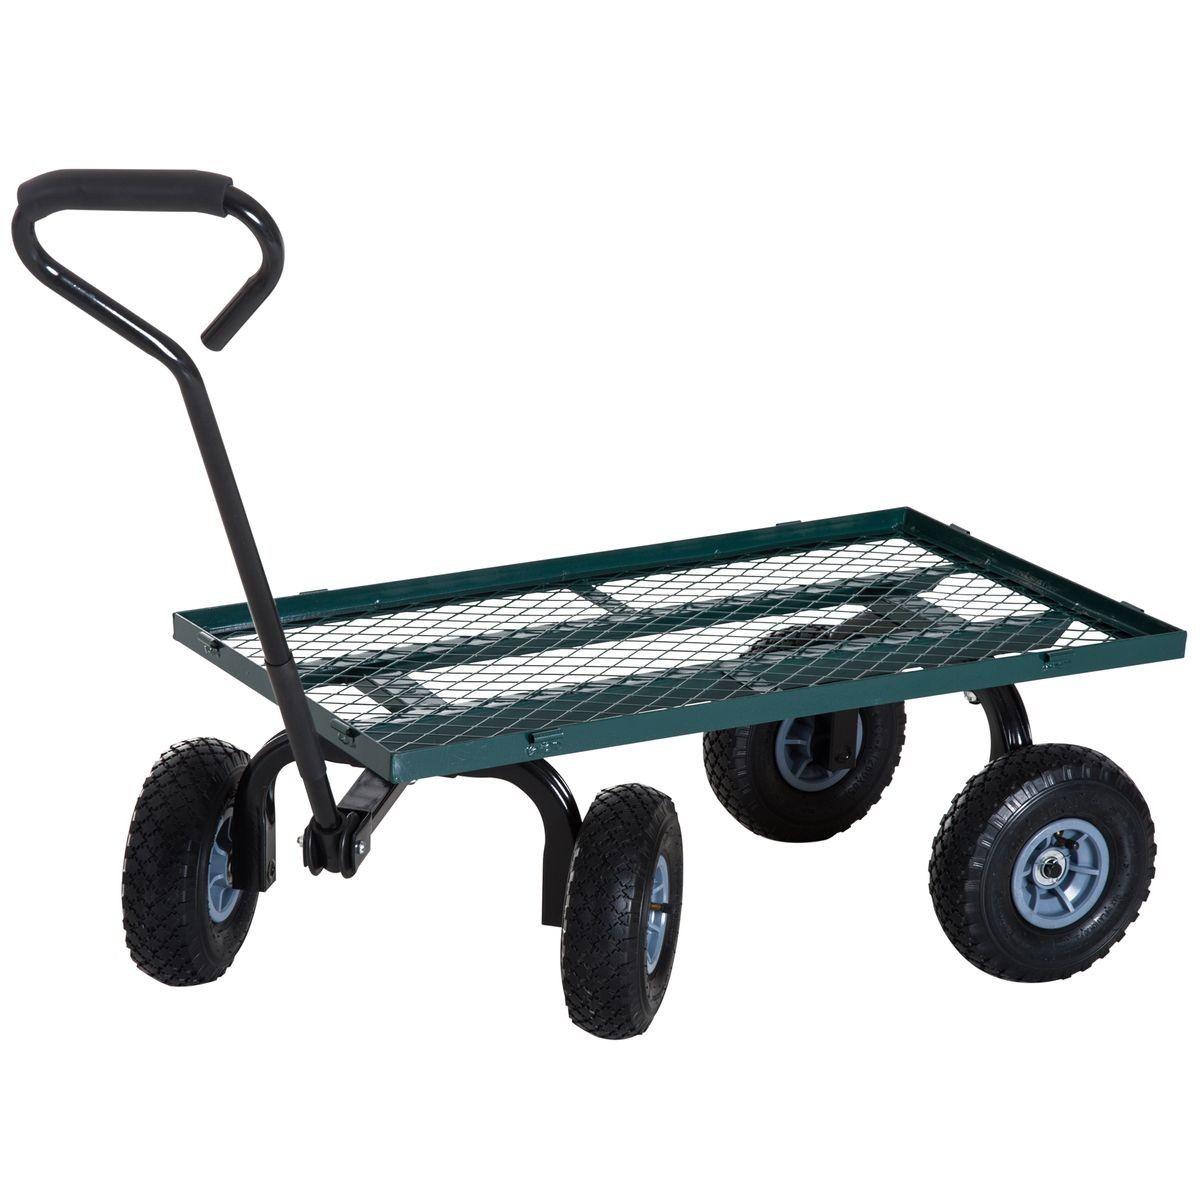 Chariot De Transport Jardin 4 Roues Vert | Chariot De ... destiné Chariot De Jardin 4 Roues